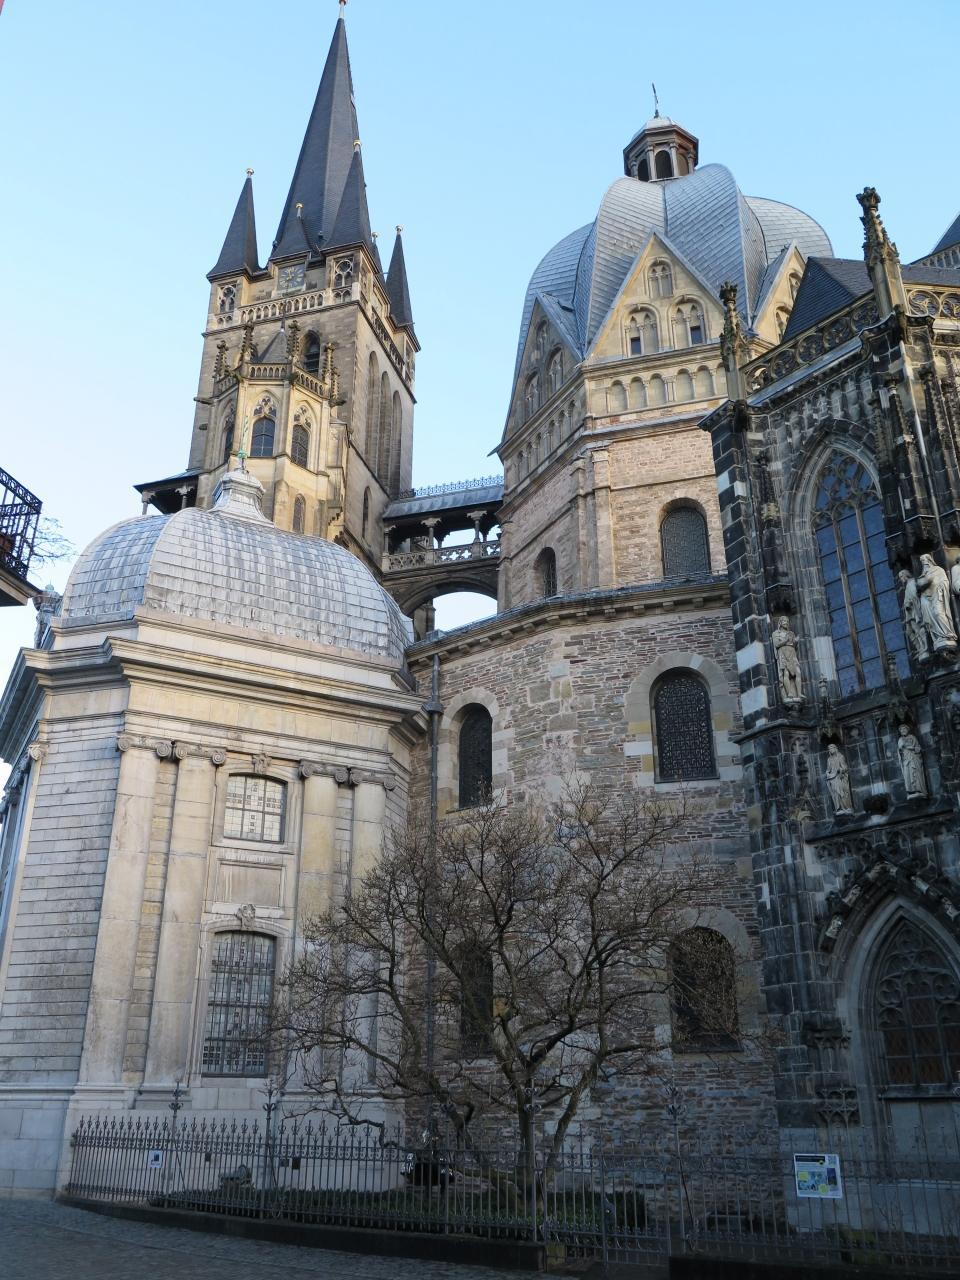 アーヘン大聖堂の画像 p1_32